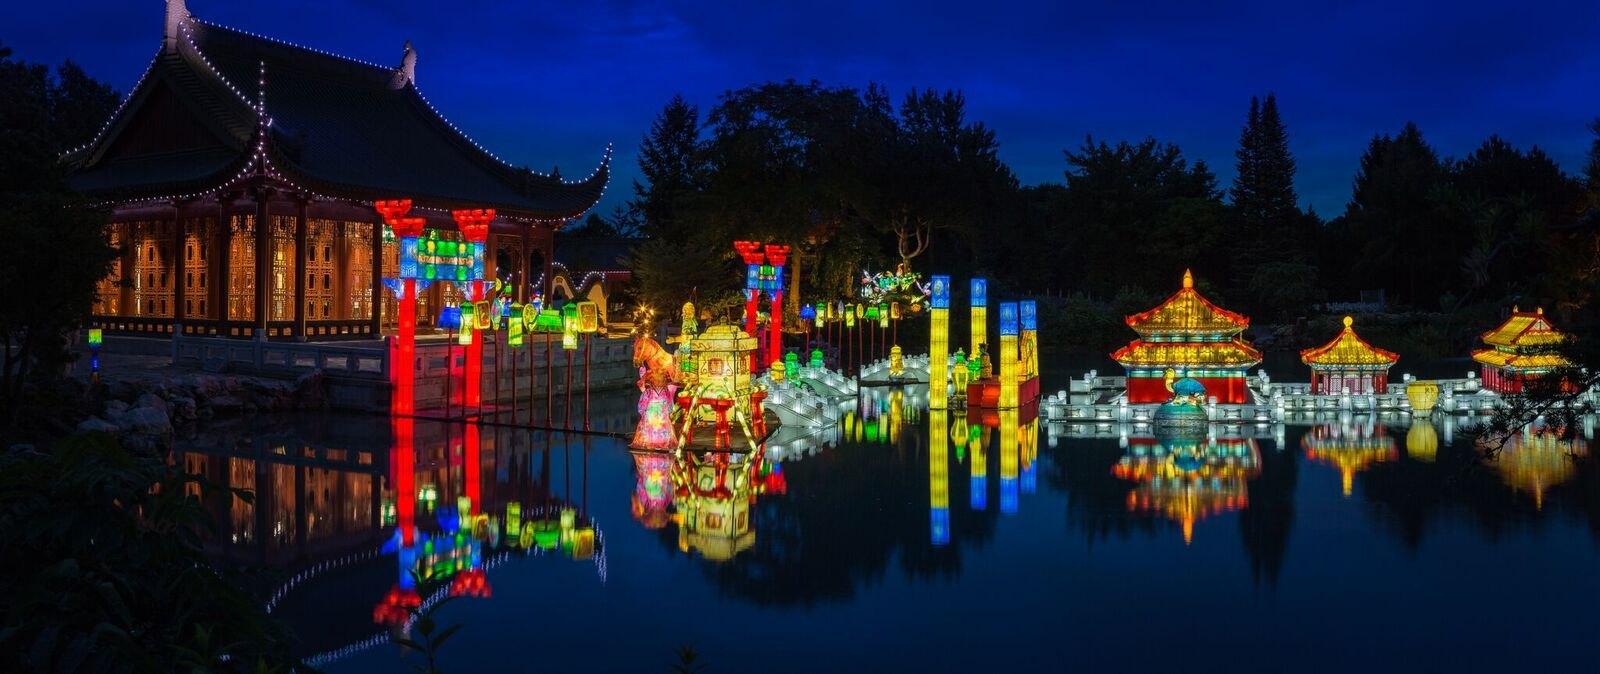 La magie des lanternes par my quynh duong for Jardin botanique montreal 2016